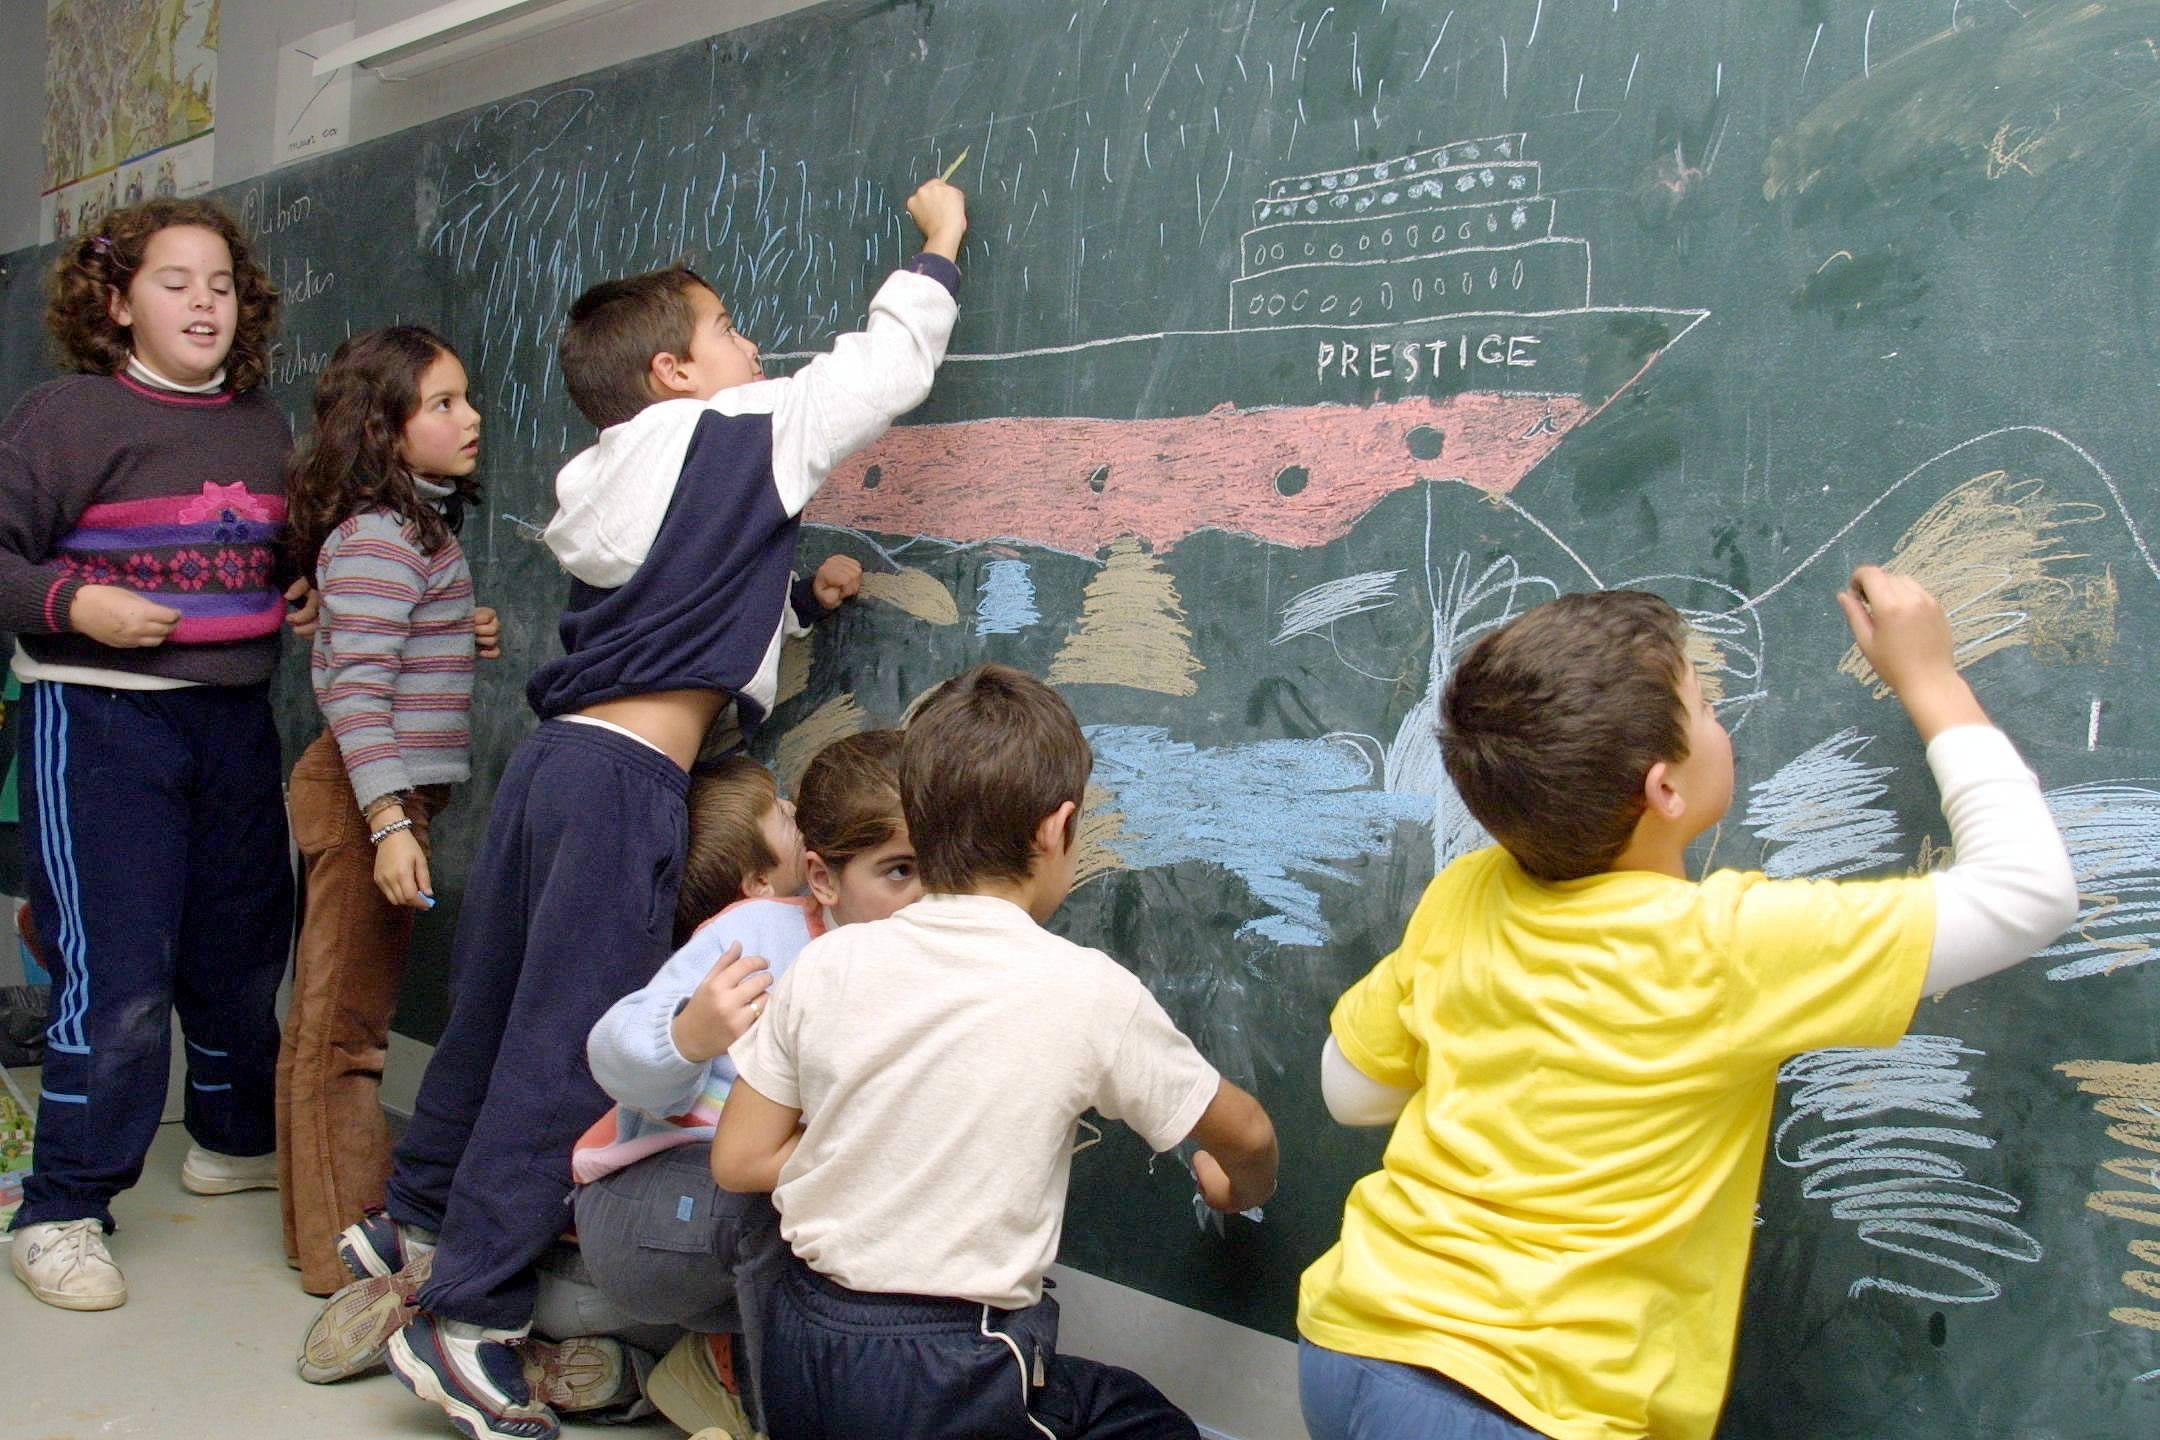 10/12/2002 <br> Niños del colegio de Muxía dibujan en clase lo que significa para ellos el «Prestige»  <br>José Manuel Casal